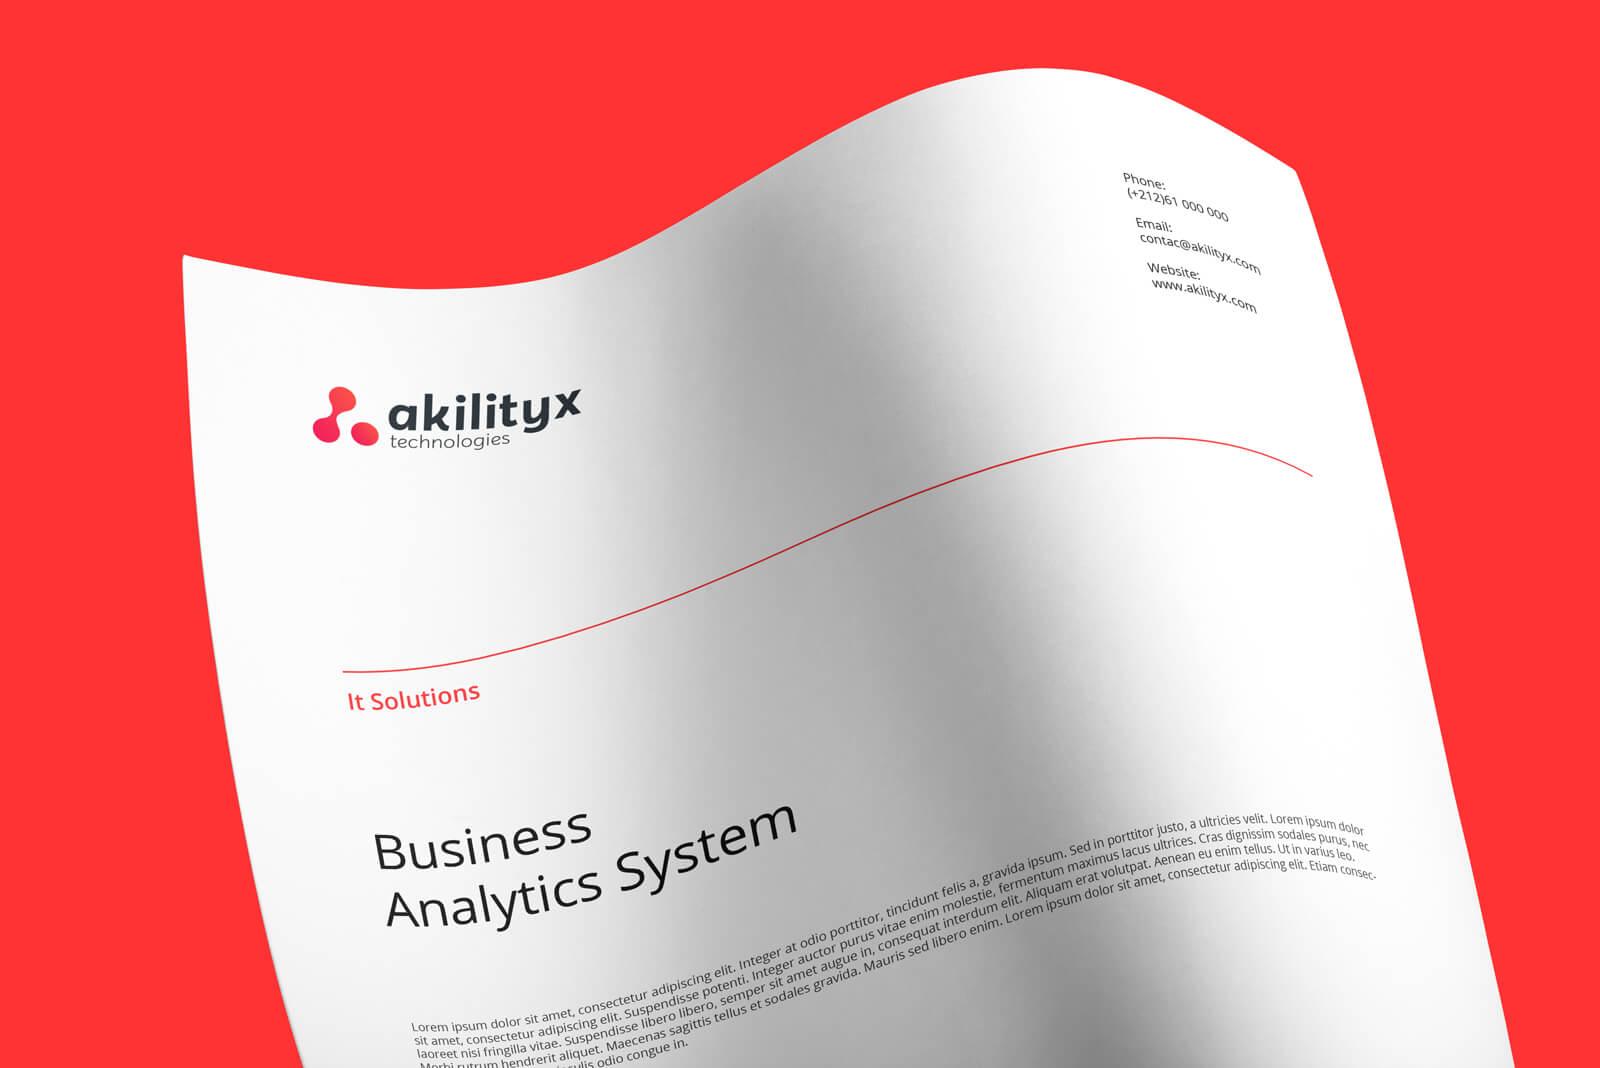 Akilityx technologies